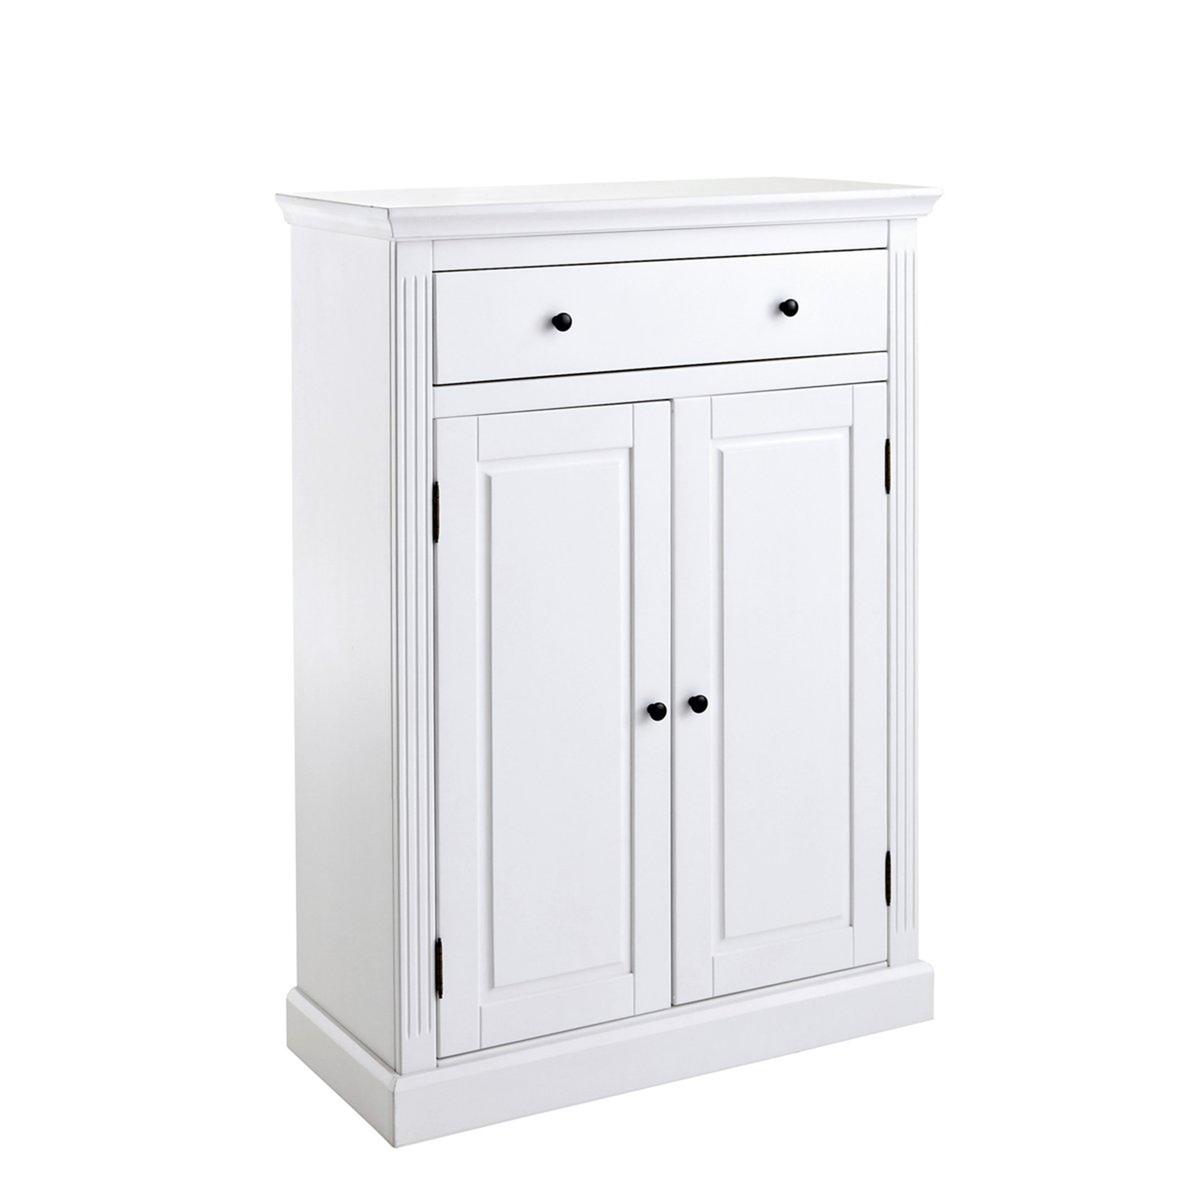 Шкаф-буфет LaRedoute Из массива сосны Authentic Style единый размер белый